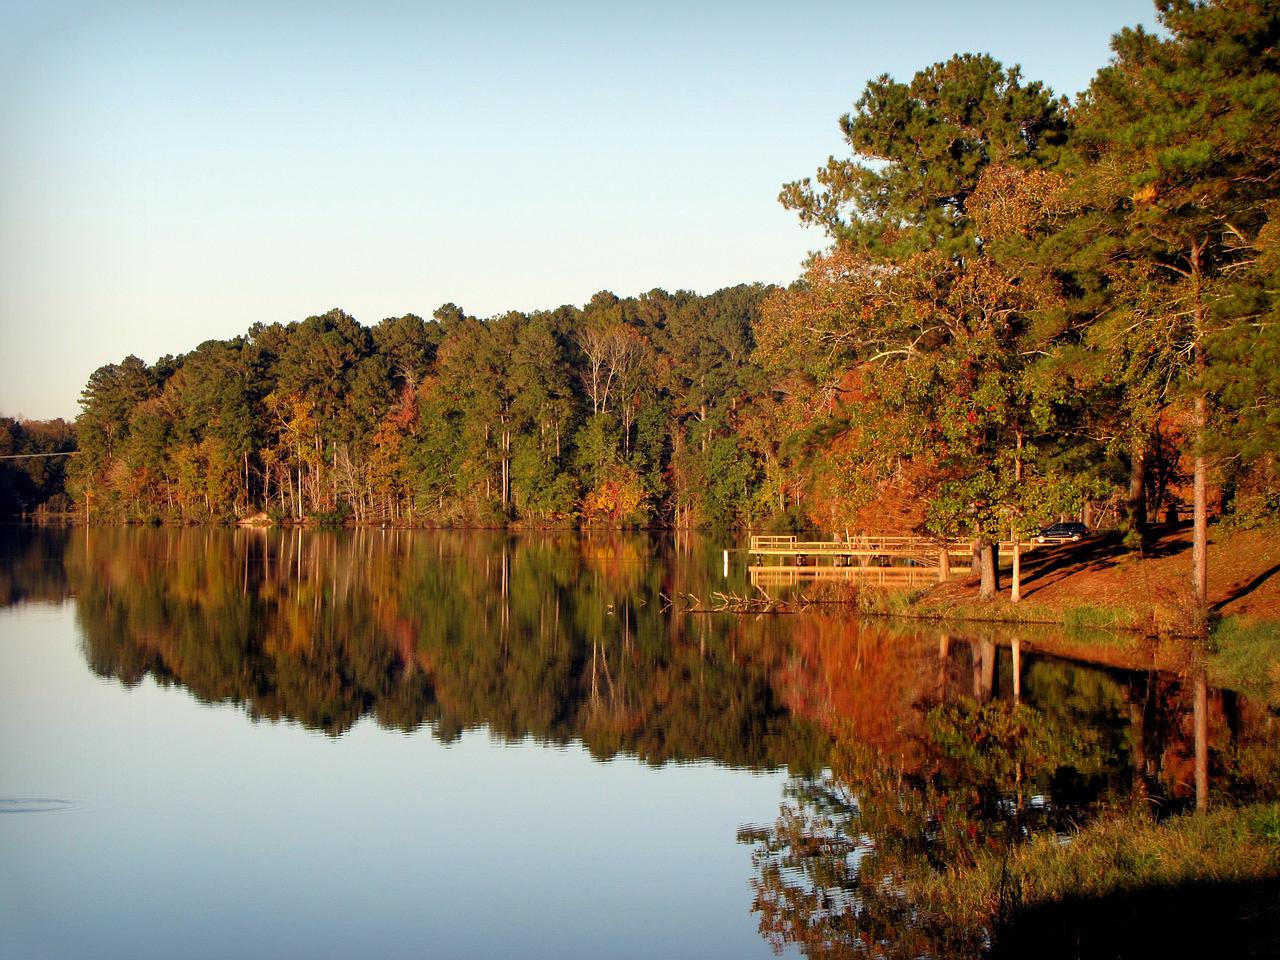 Lake Le-Aqua-Na